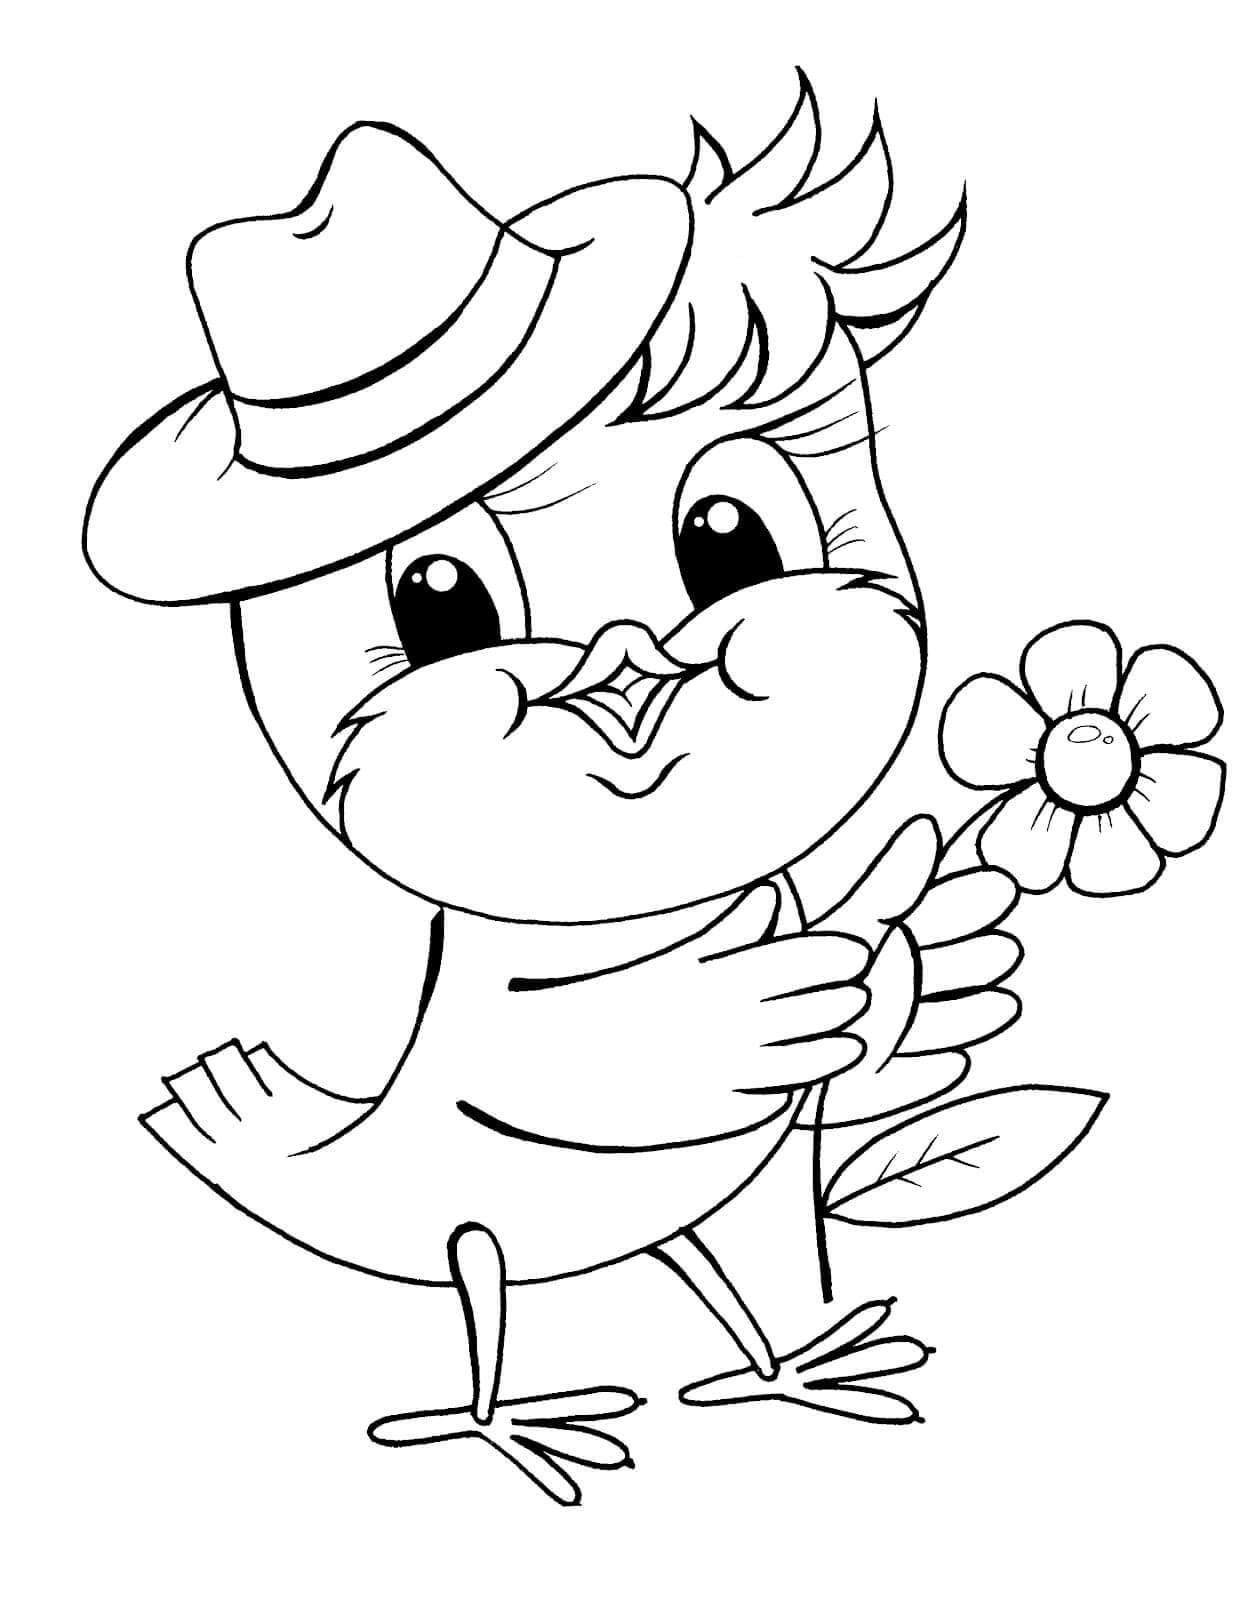 Раскраска Птенчик в шляпке